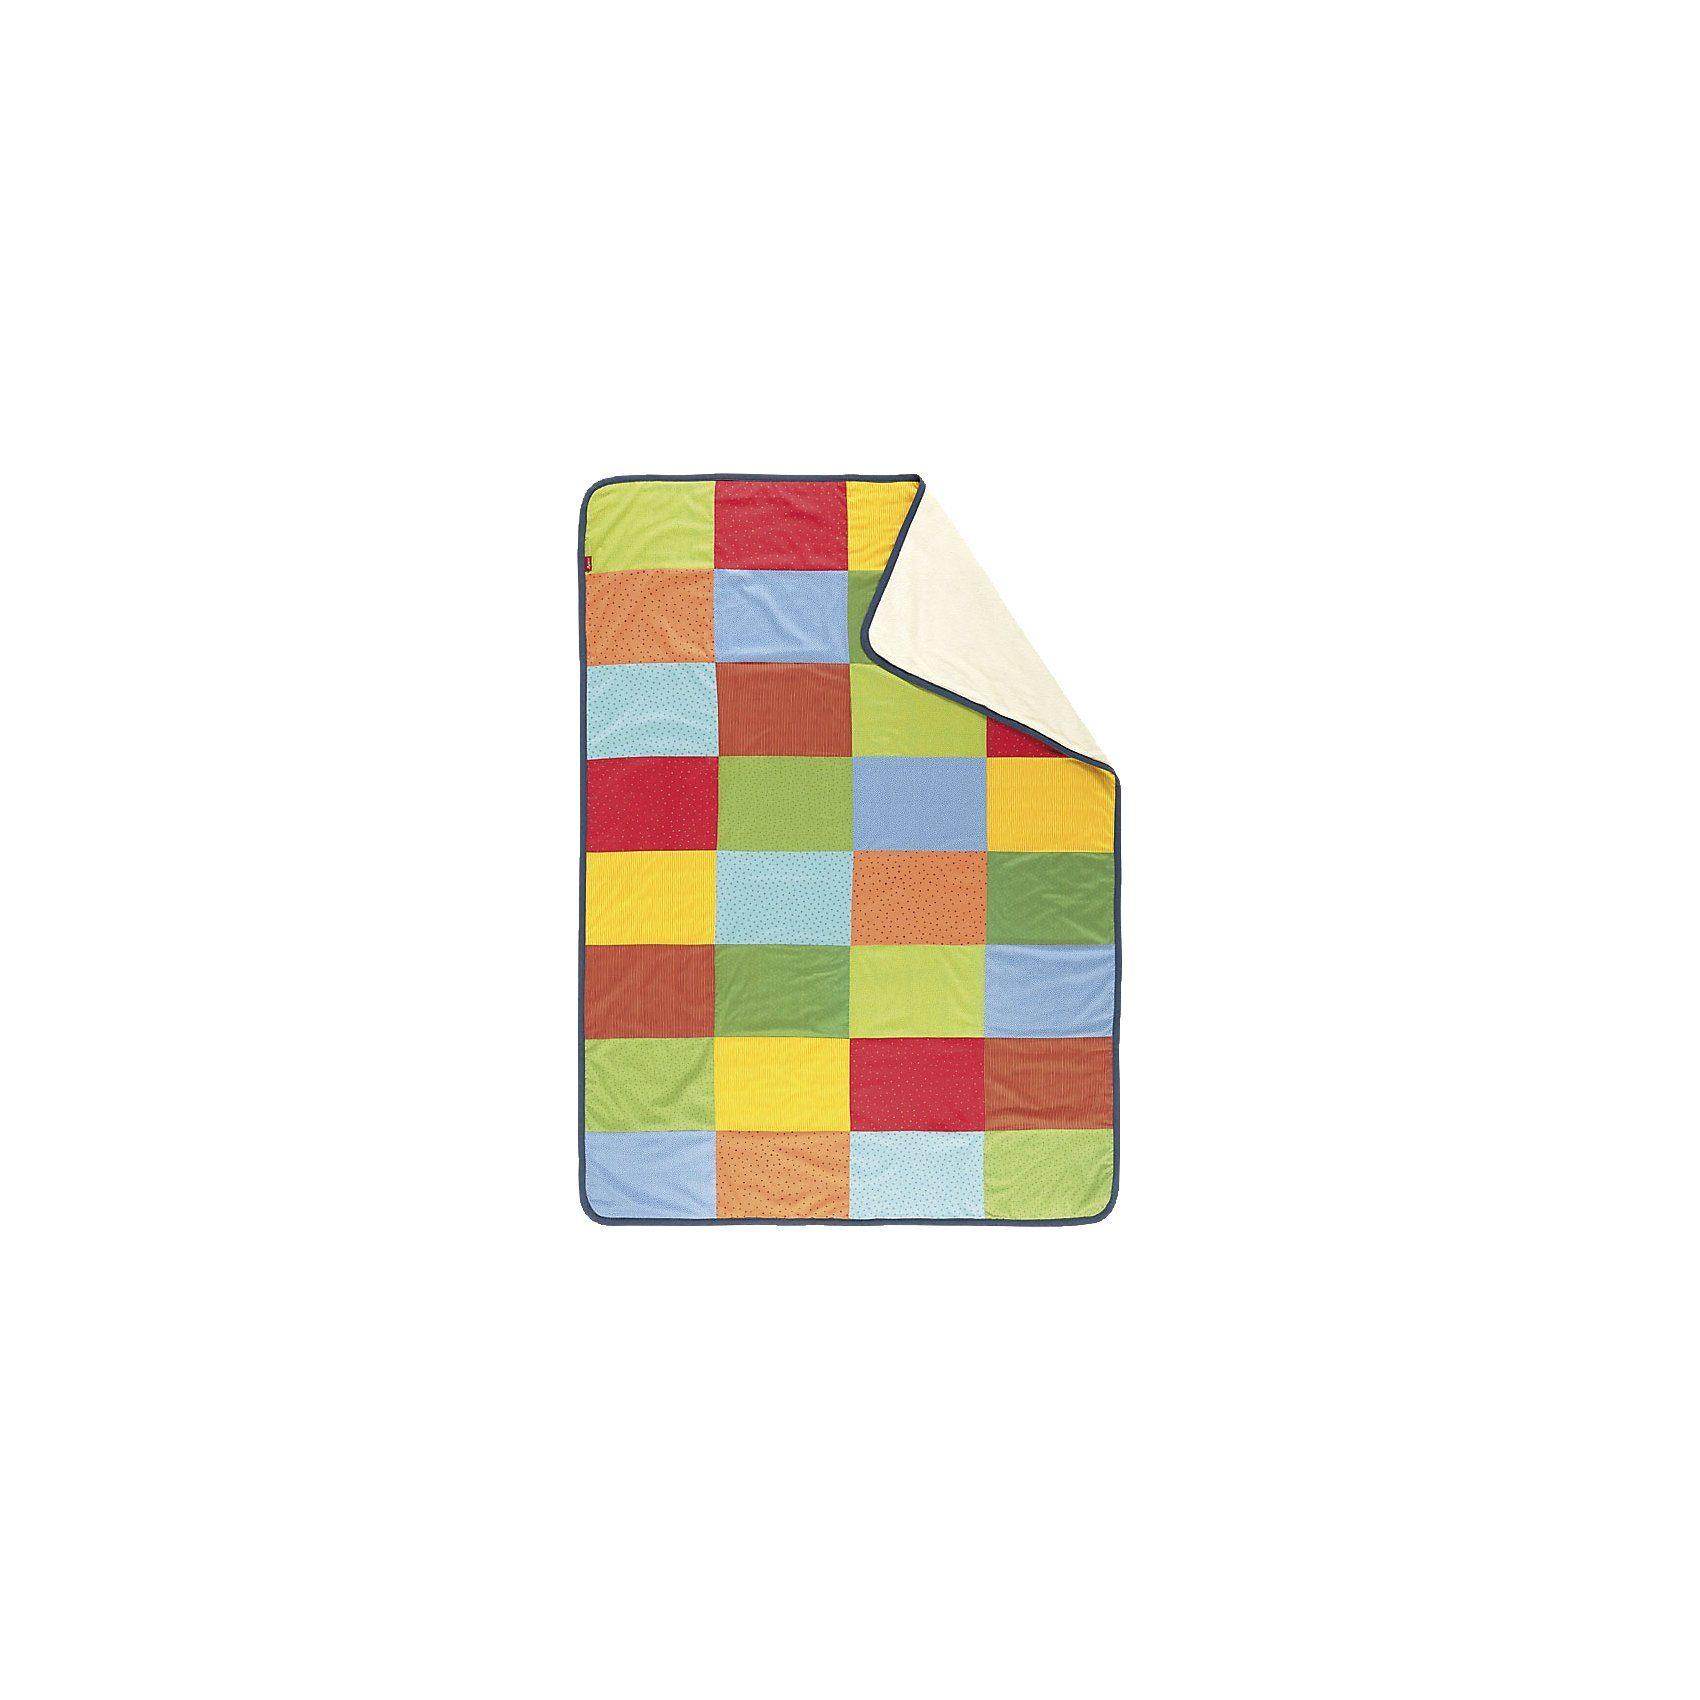 sigikid 52236 Patchwork-Decke bunt